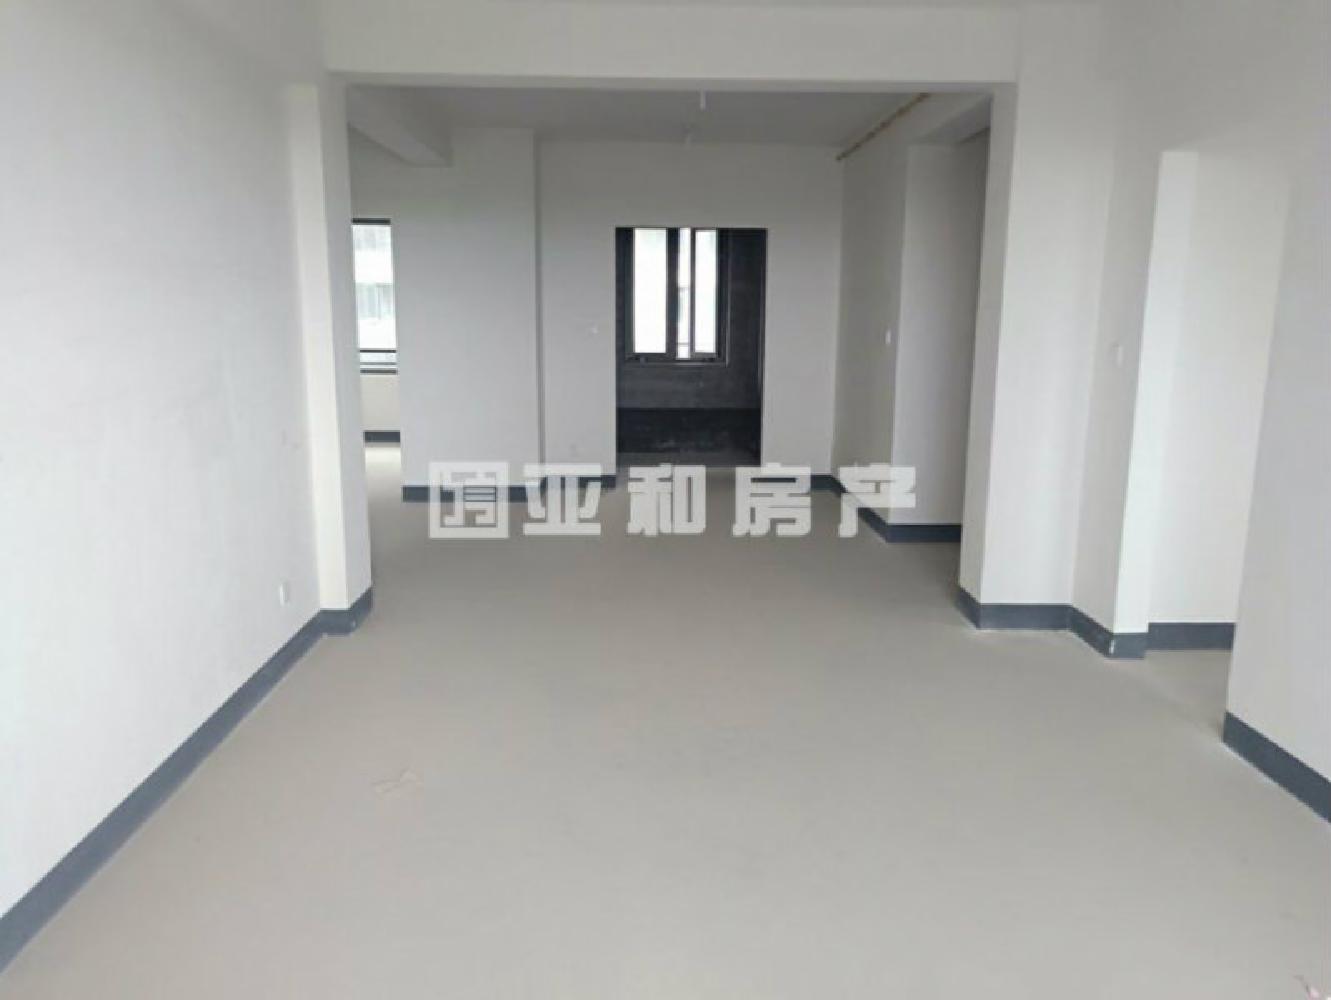 九州百合 128平方168万 毛坯新房 可自主装修 随时看房